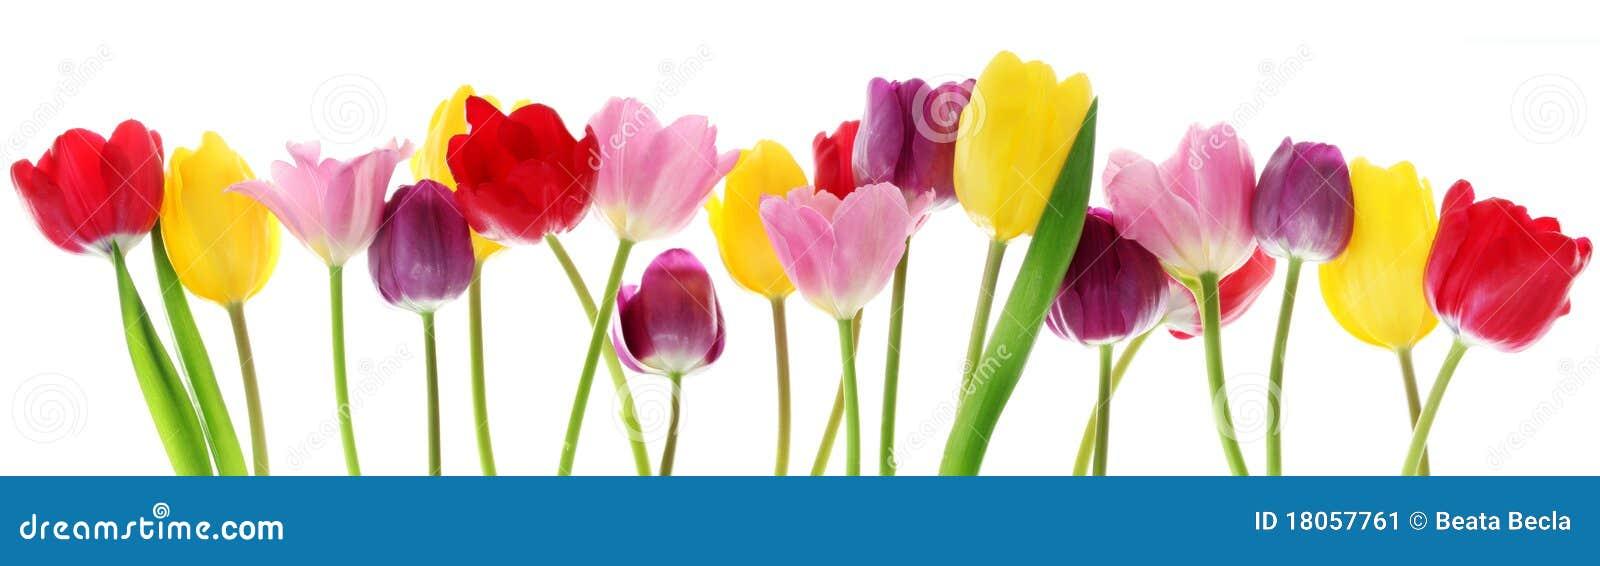 Flores del tulipán del resorte en una fila